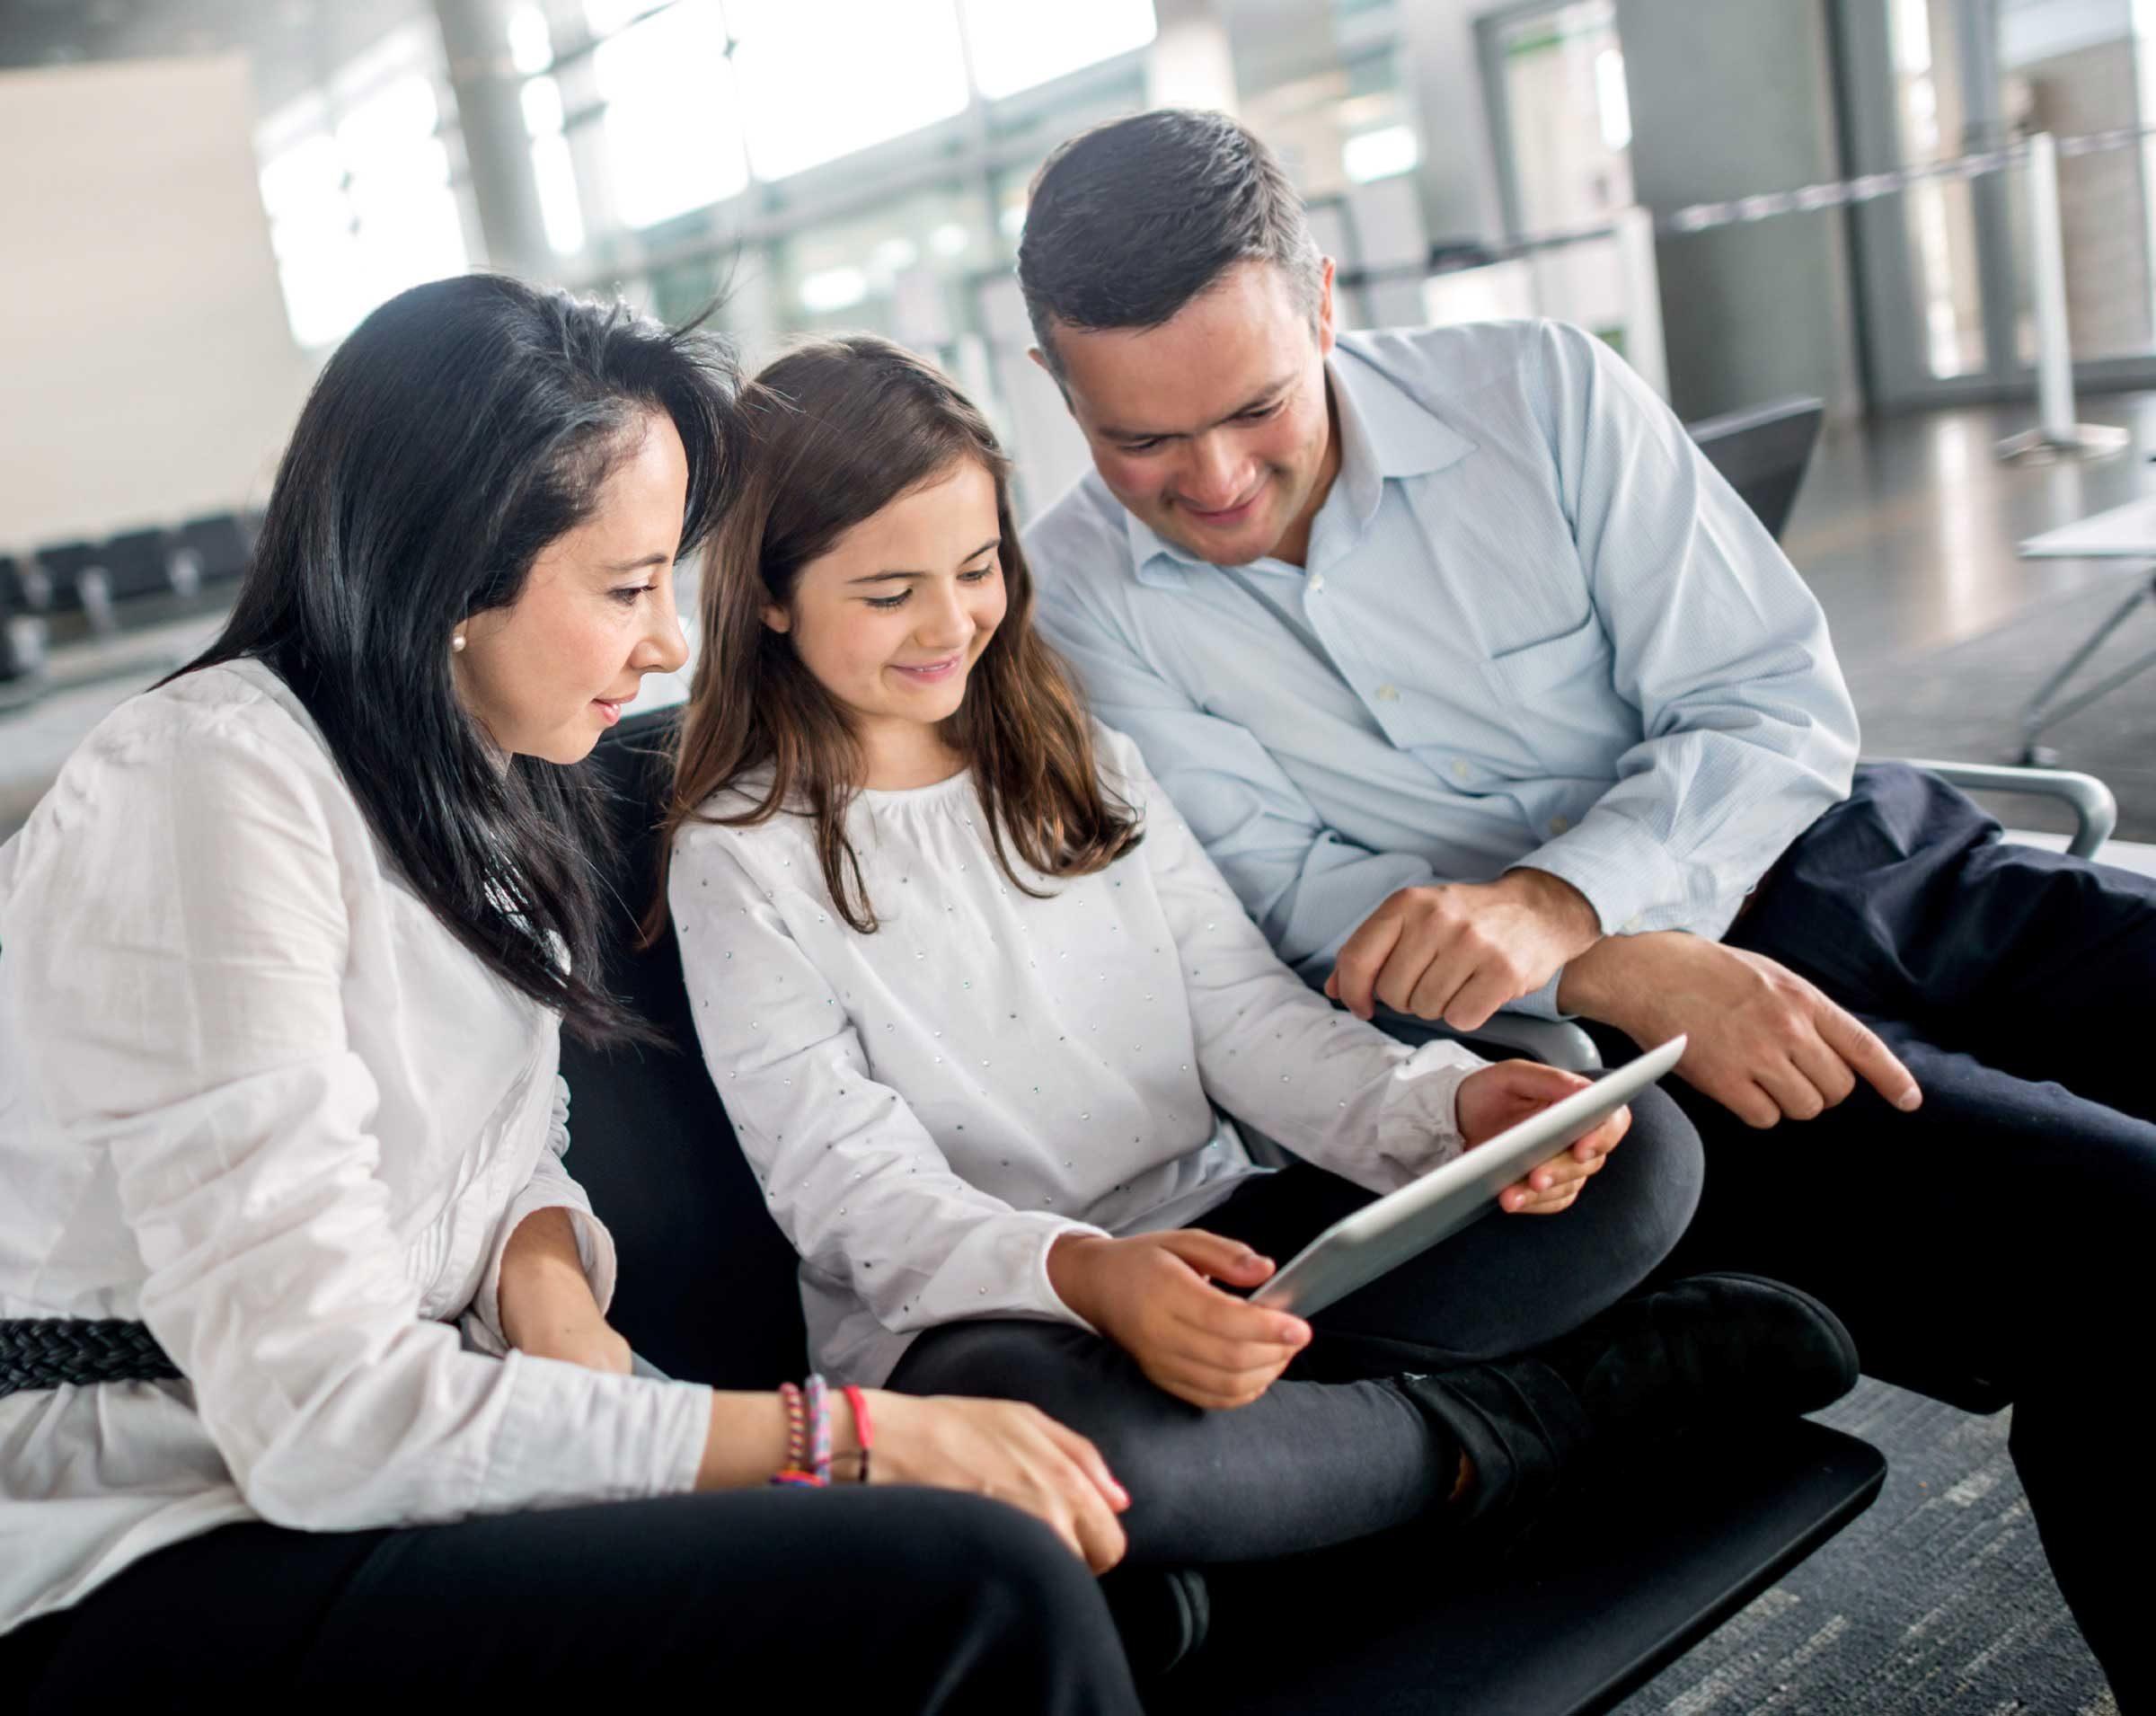 Ce qu'il faudrait savoir avant de prendre l'avion: expérience de groupe.